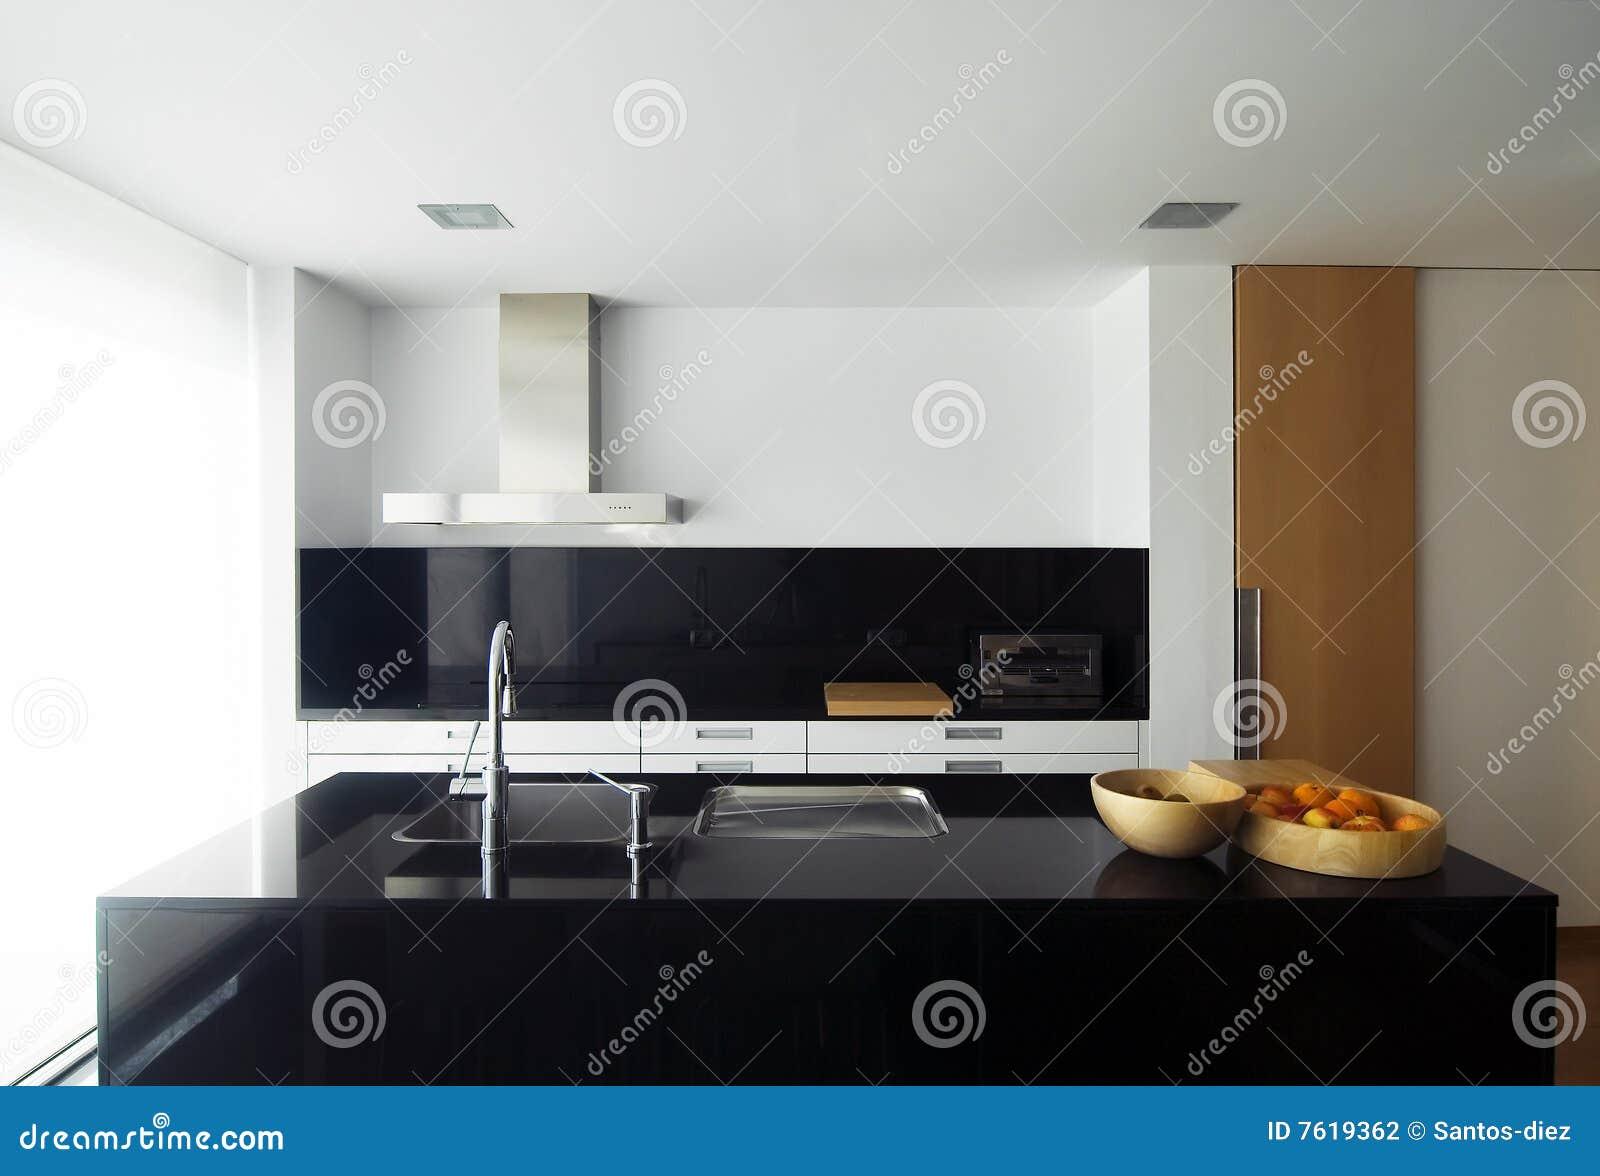 Küche stockfoto. Bild von leuchte, küche, koch, elegant - 7619362